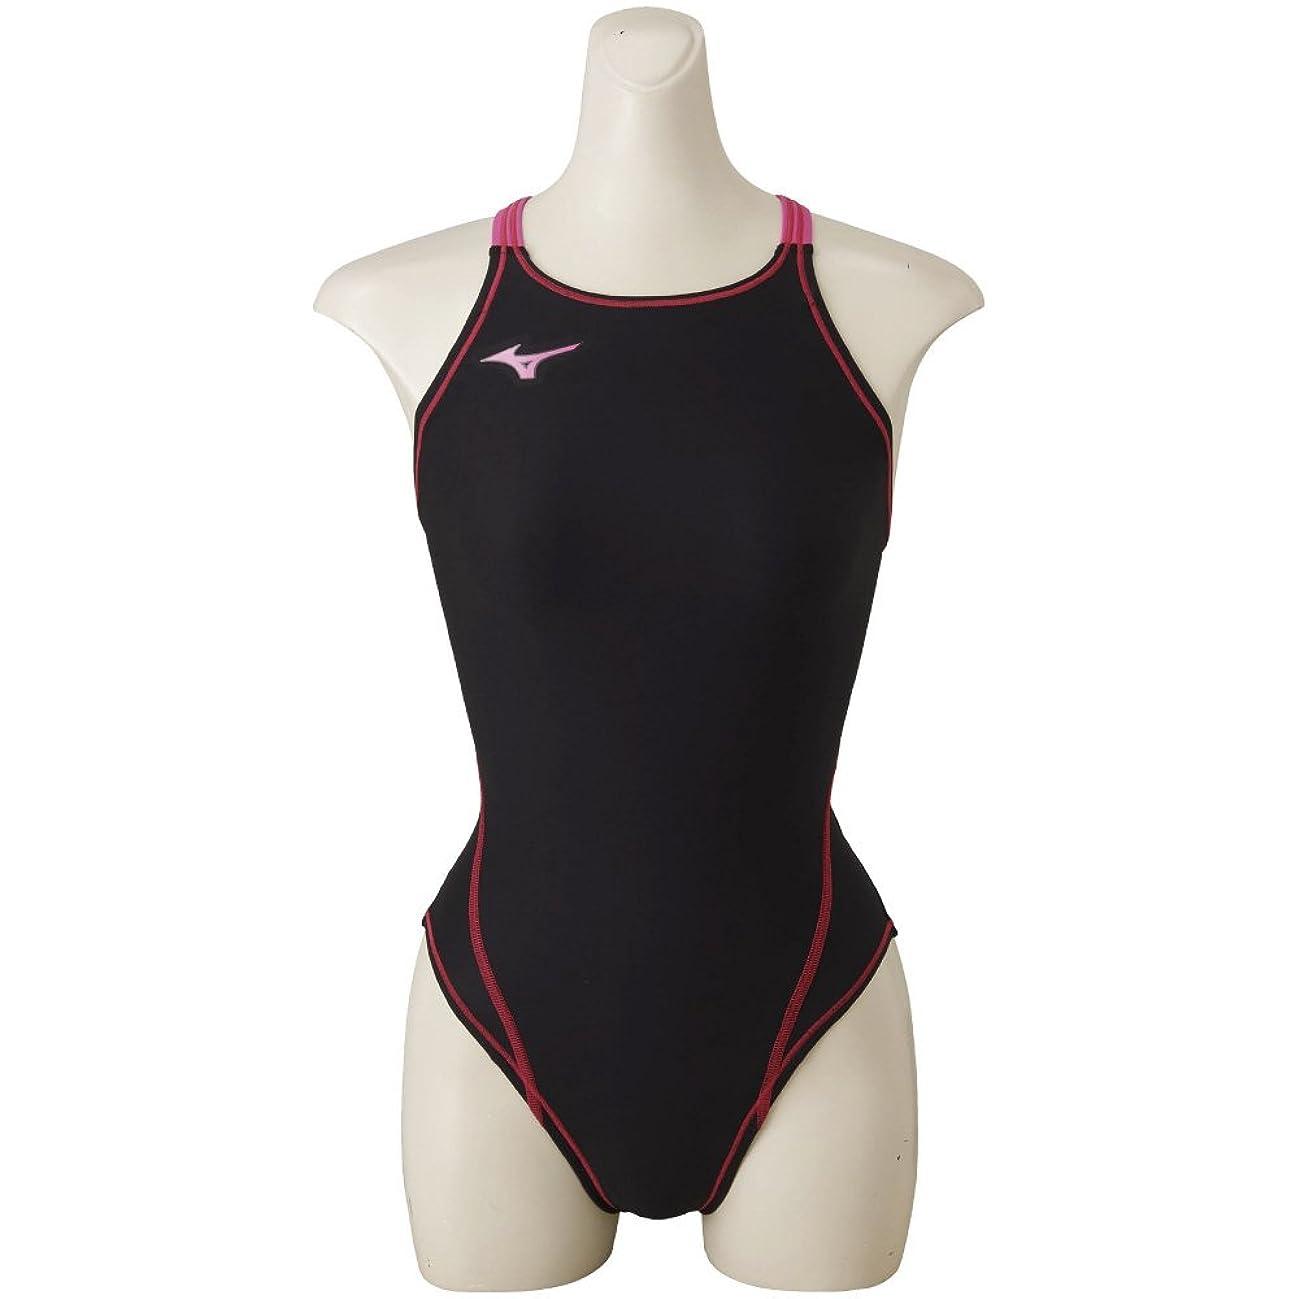 立ち向かう専門知識殺人MIZUNO(ミズノ) 競泳水着 トレーニング用 ジュニア エクサースーツ ミディアムカット N2MA8460